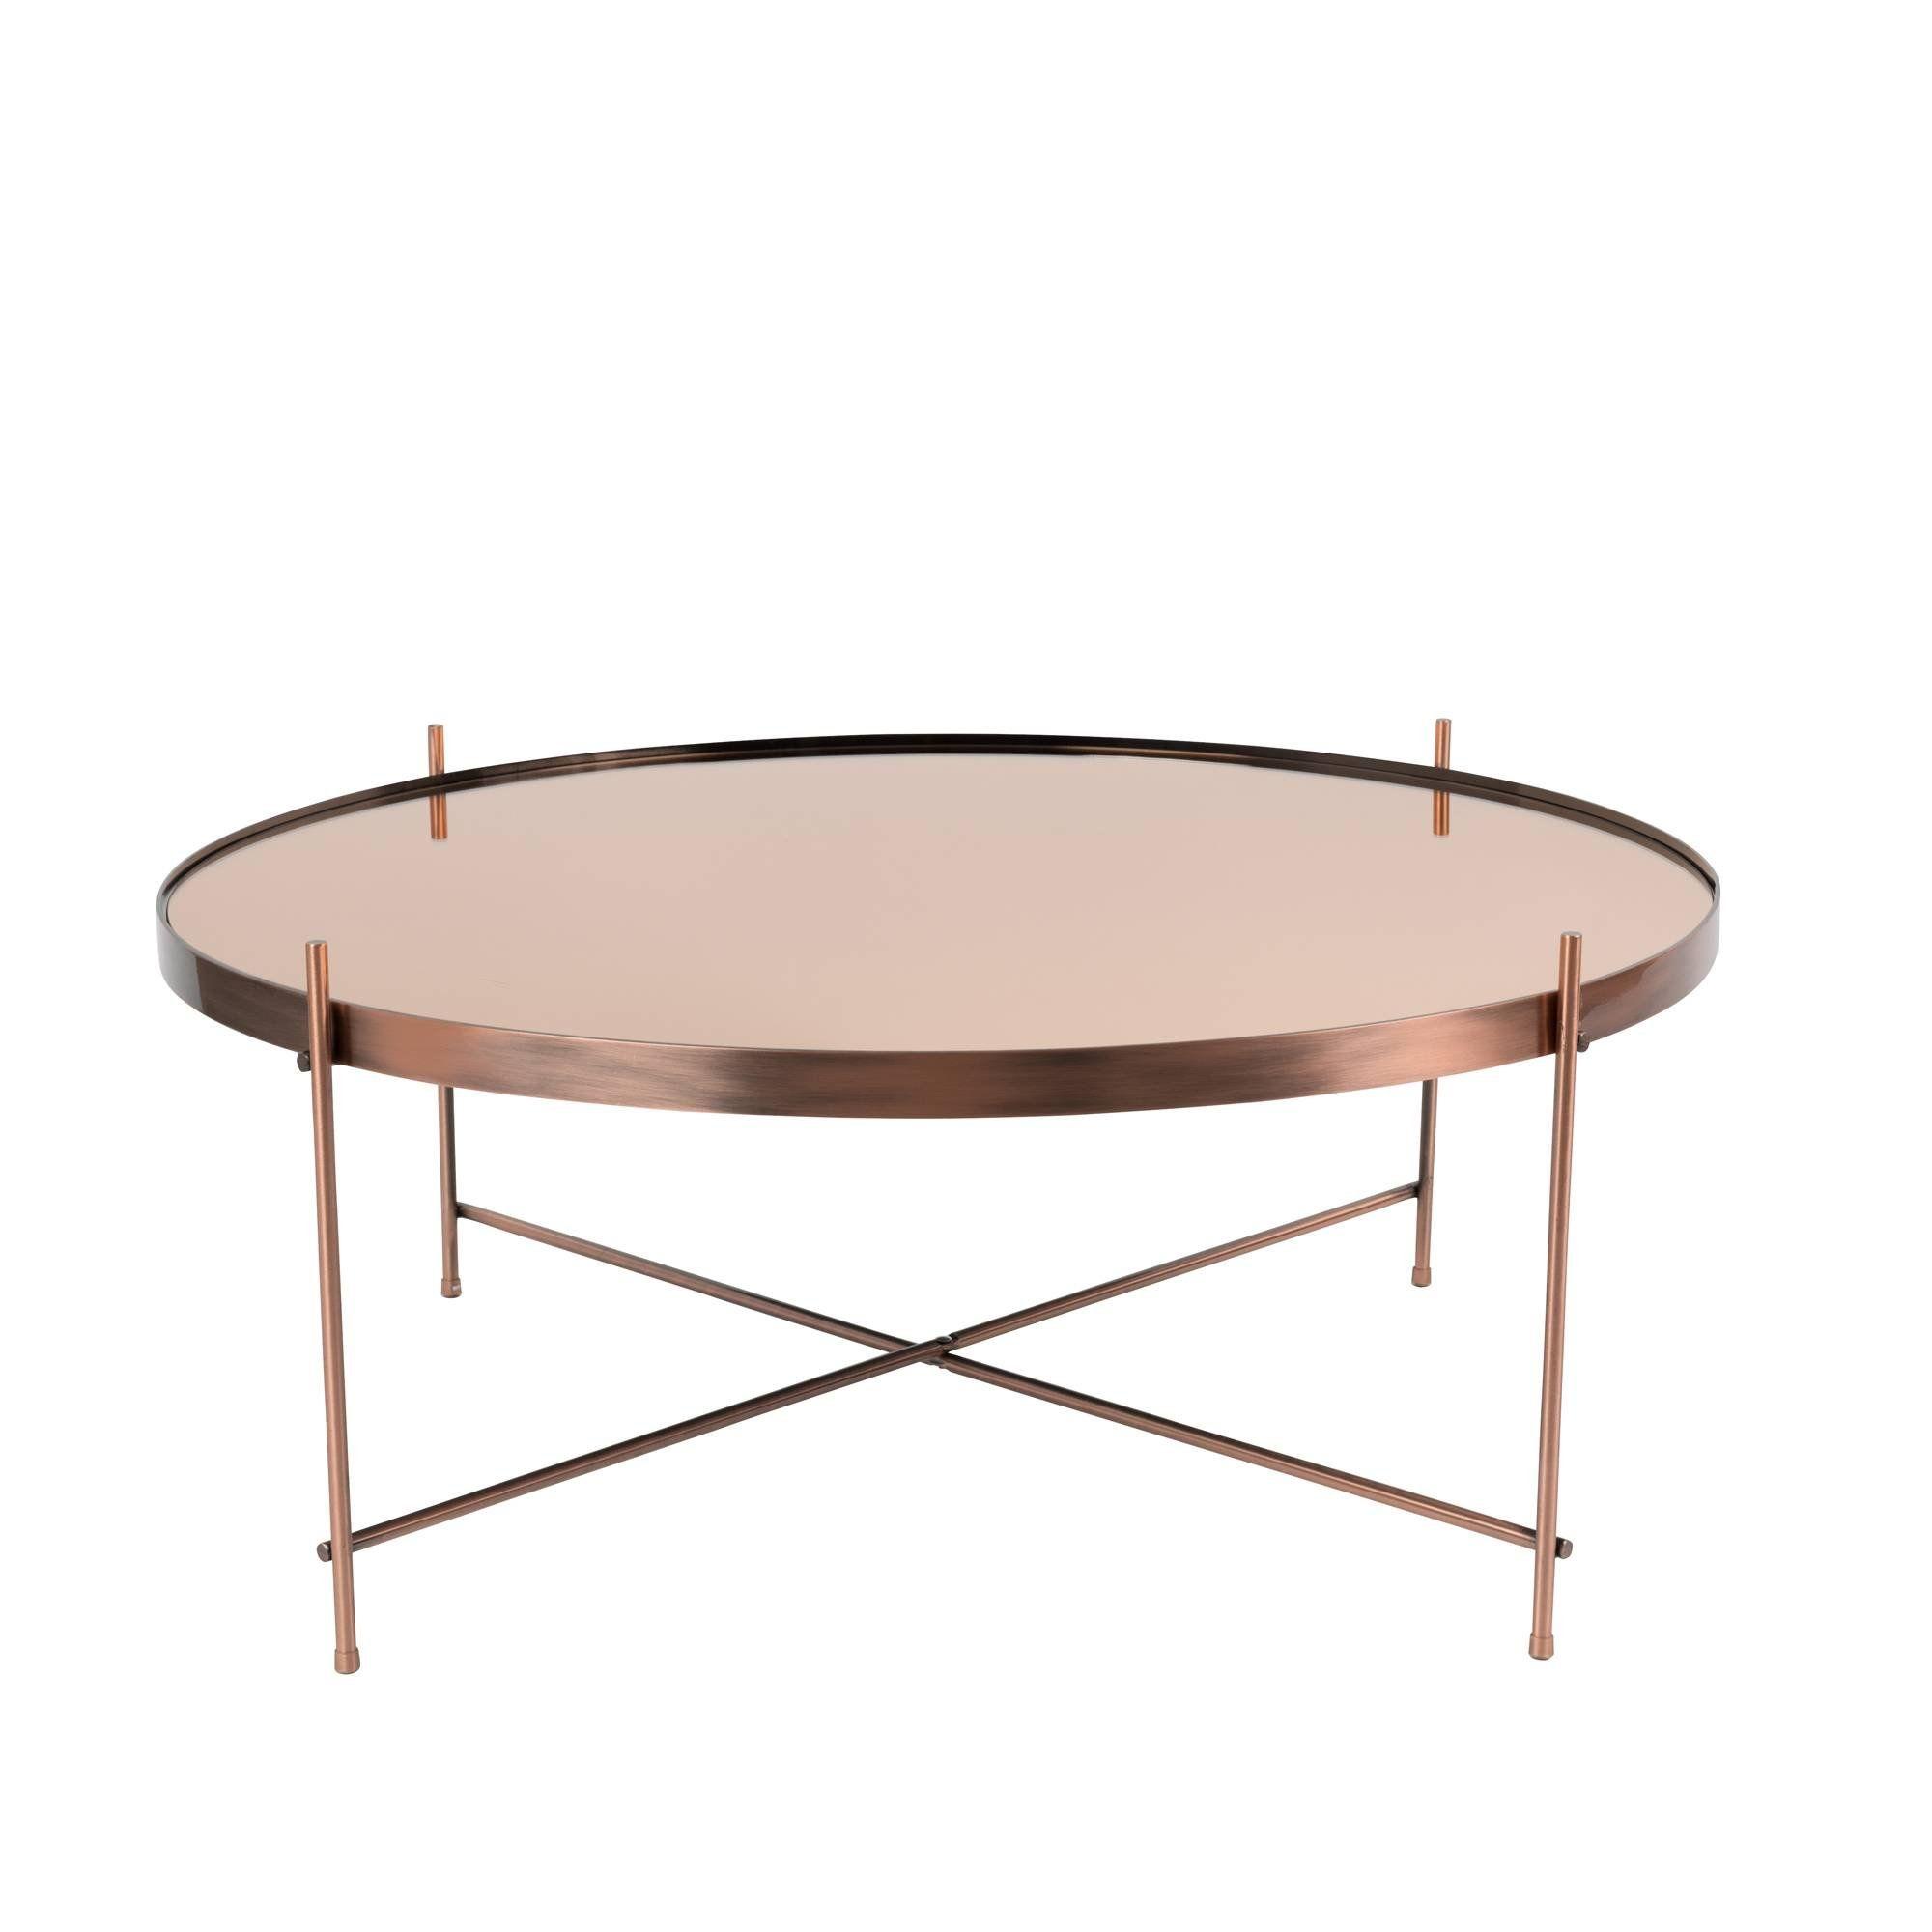 Table Basse Metal Plateau Miroir Cupid Xxl Zuiver Esthetique Et Convivialite Sont Au Rendez Vous Avec La Table D App Koffietafel Salontafel Glazen Salontafels